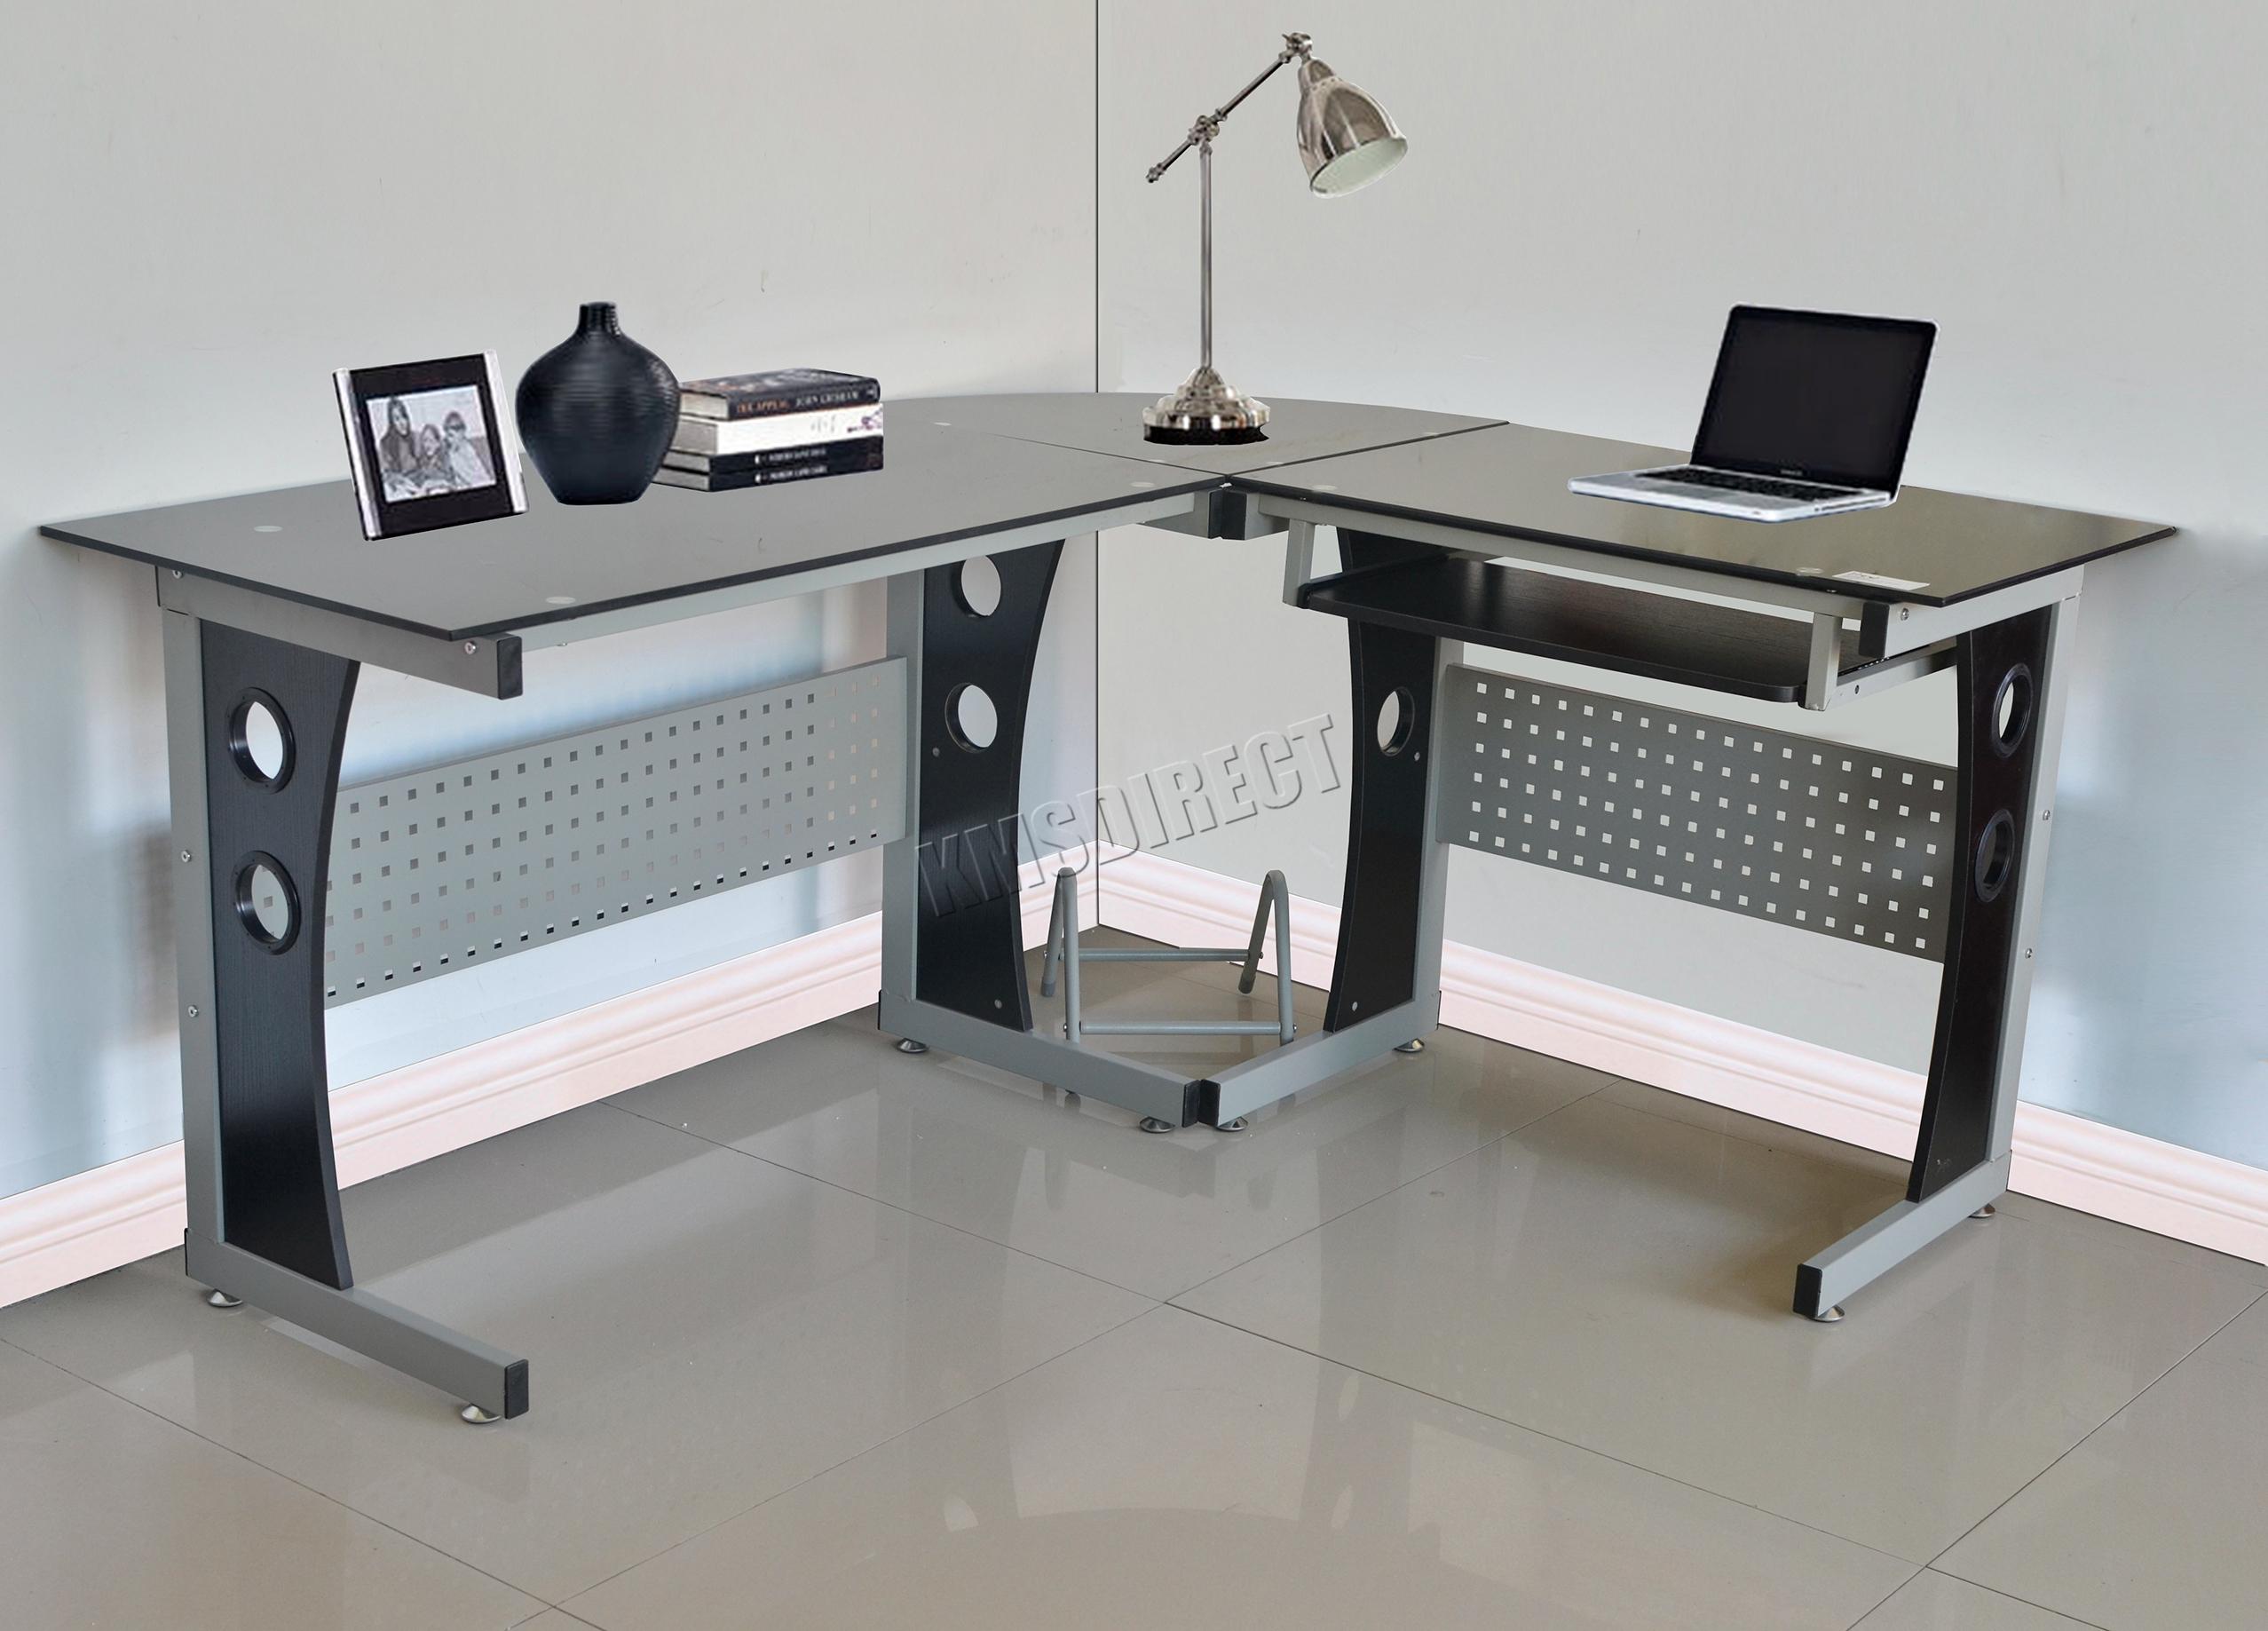 westwood l f rmige ecke computer schreibtisch st ck tisch heimb ro untersuchung ebay. Black Bedroom Furniture Sets. Home Design Ideas